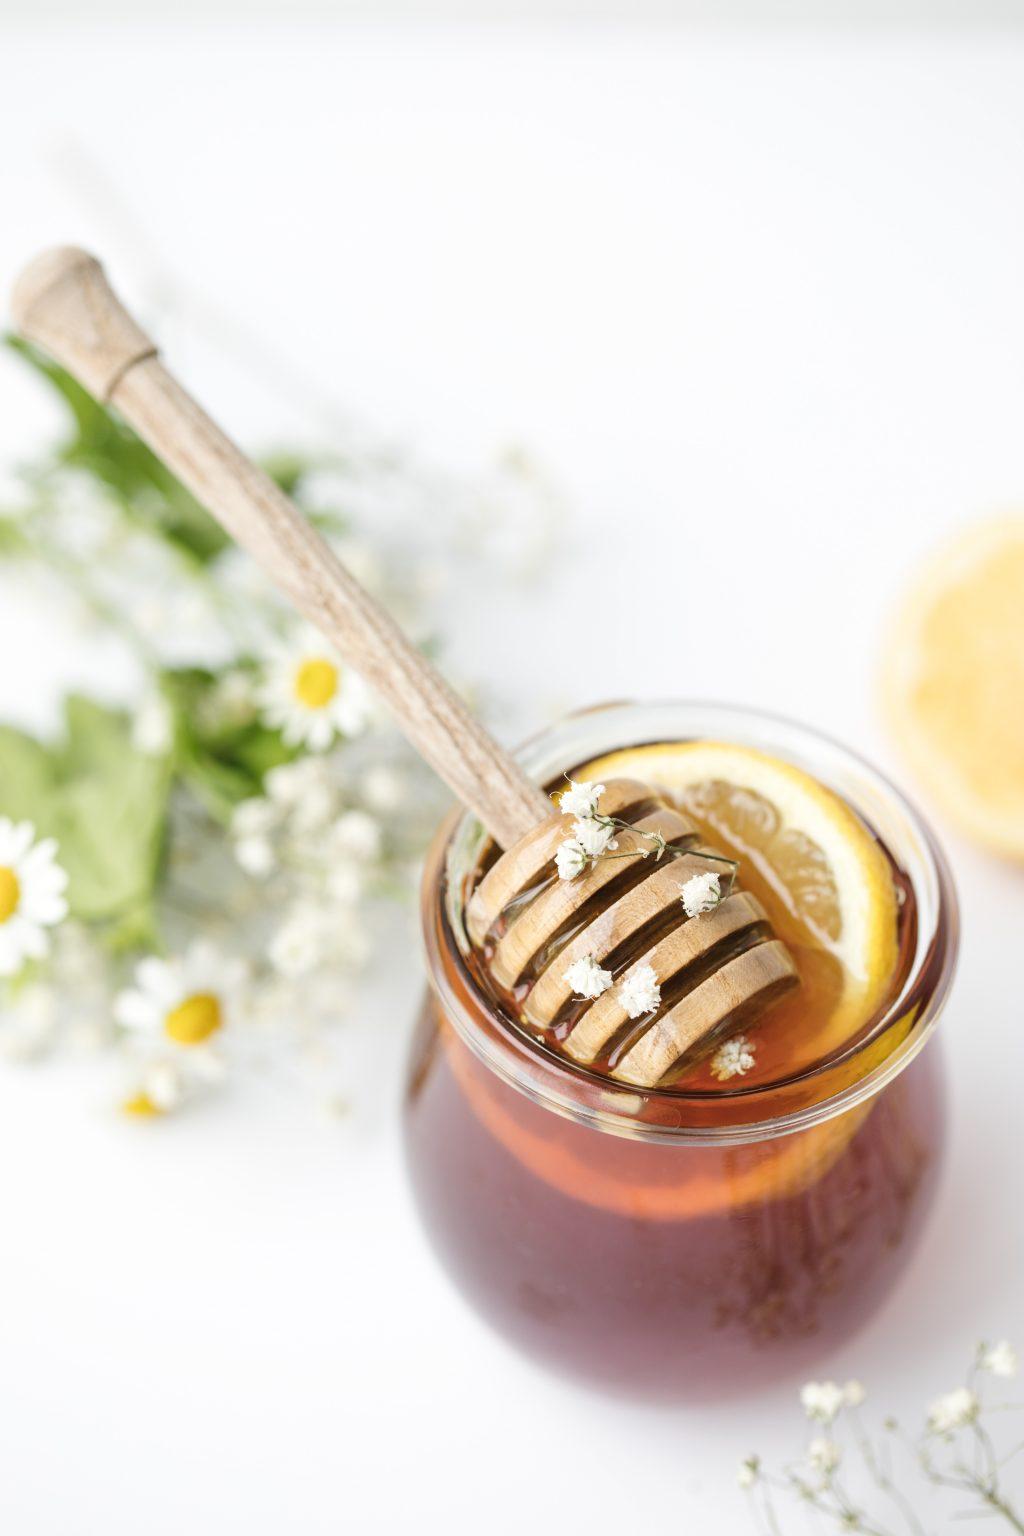 Nhuỵ hoa nghệ tây với mật ong tẩy tế bào chết